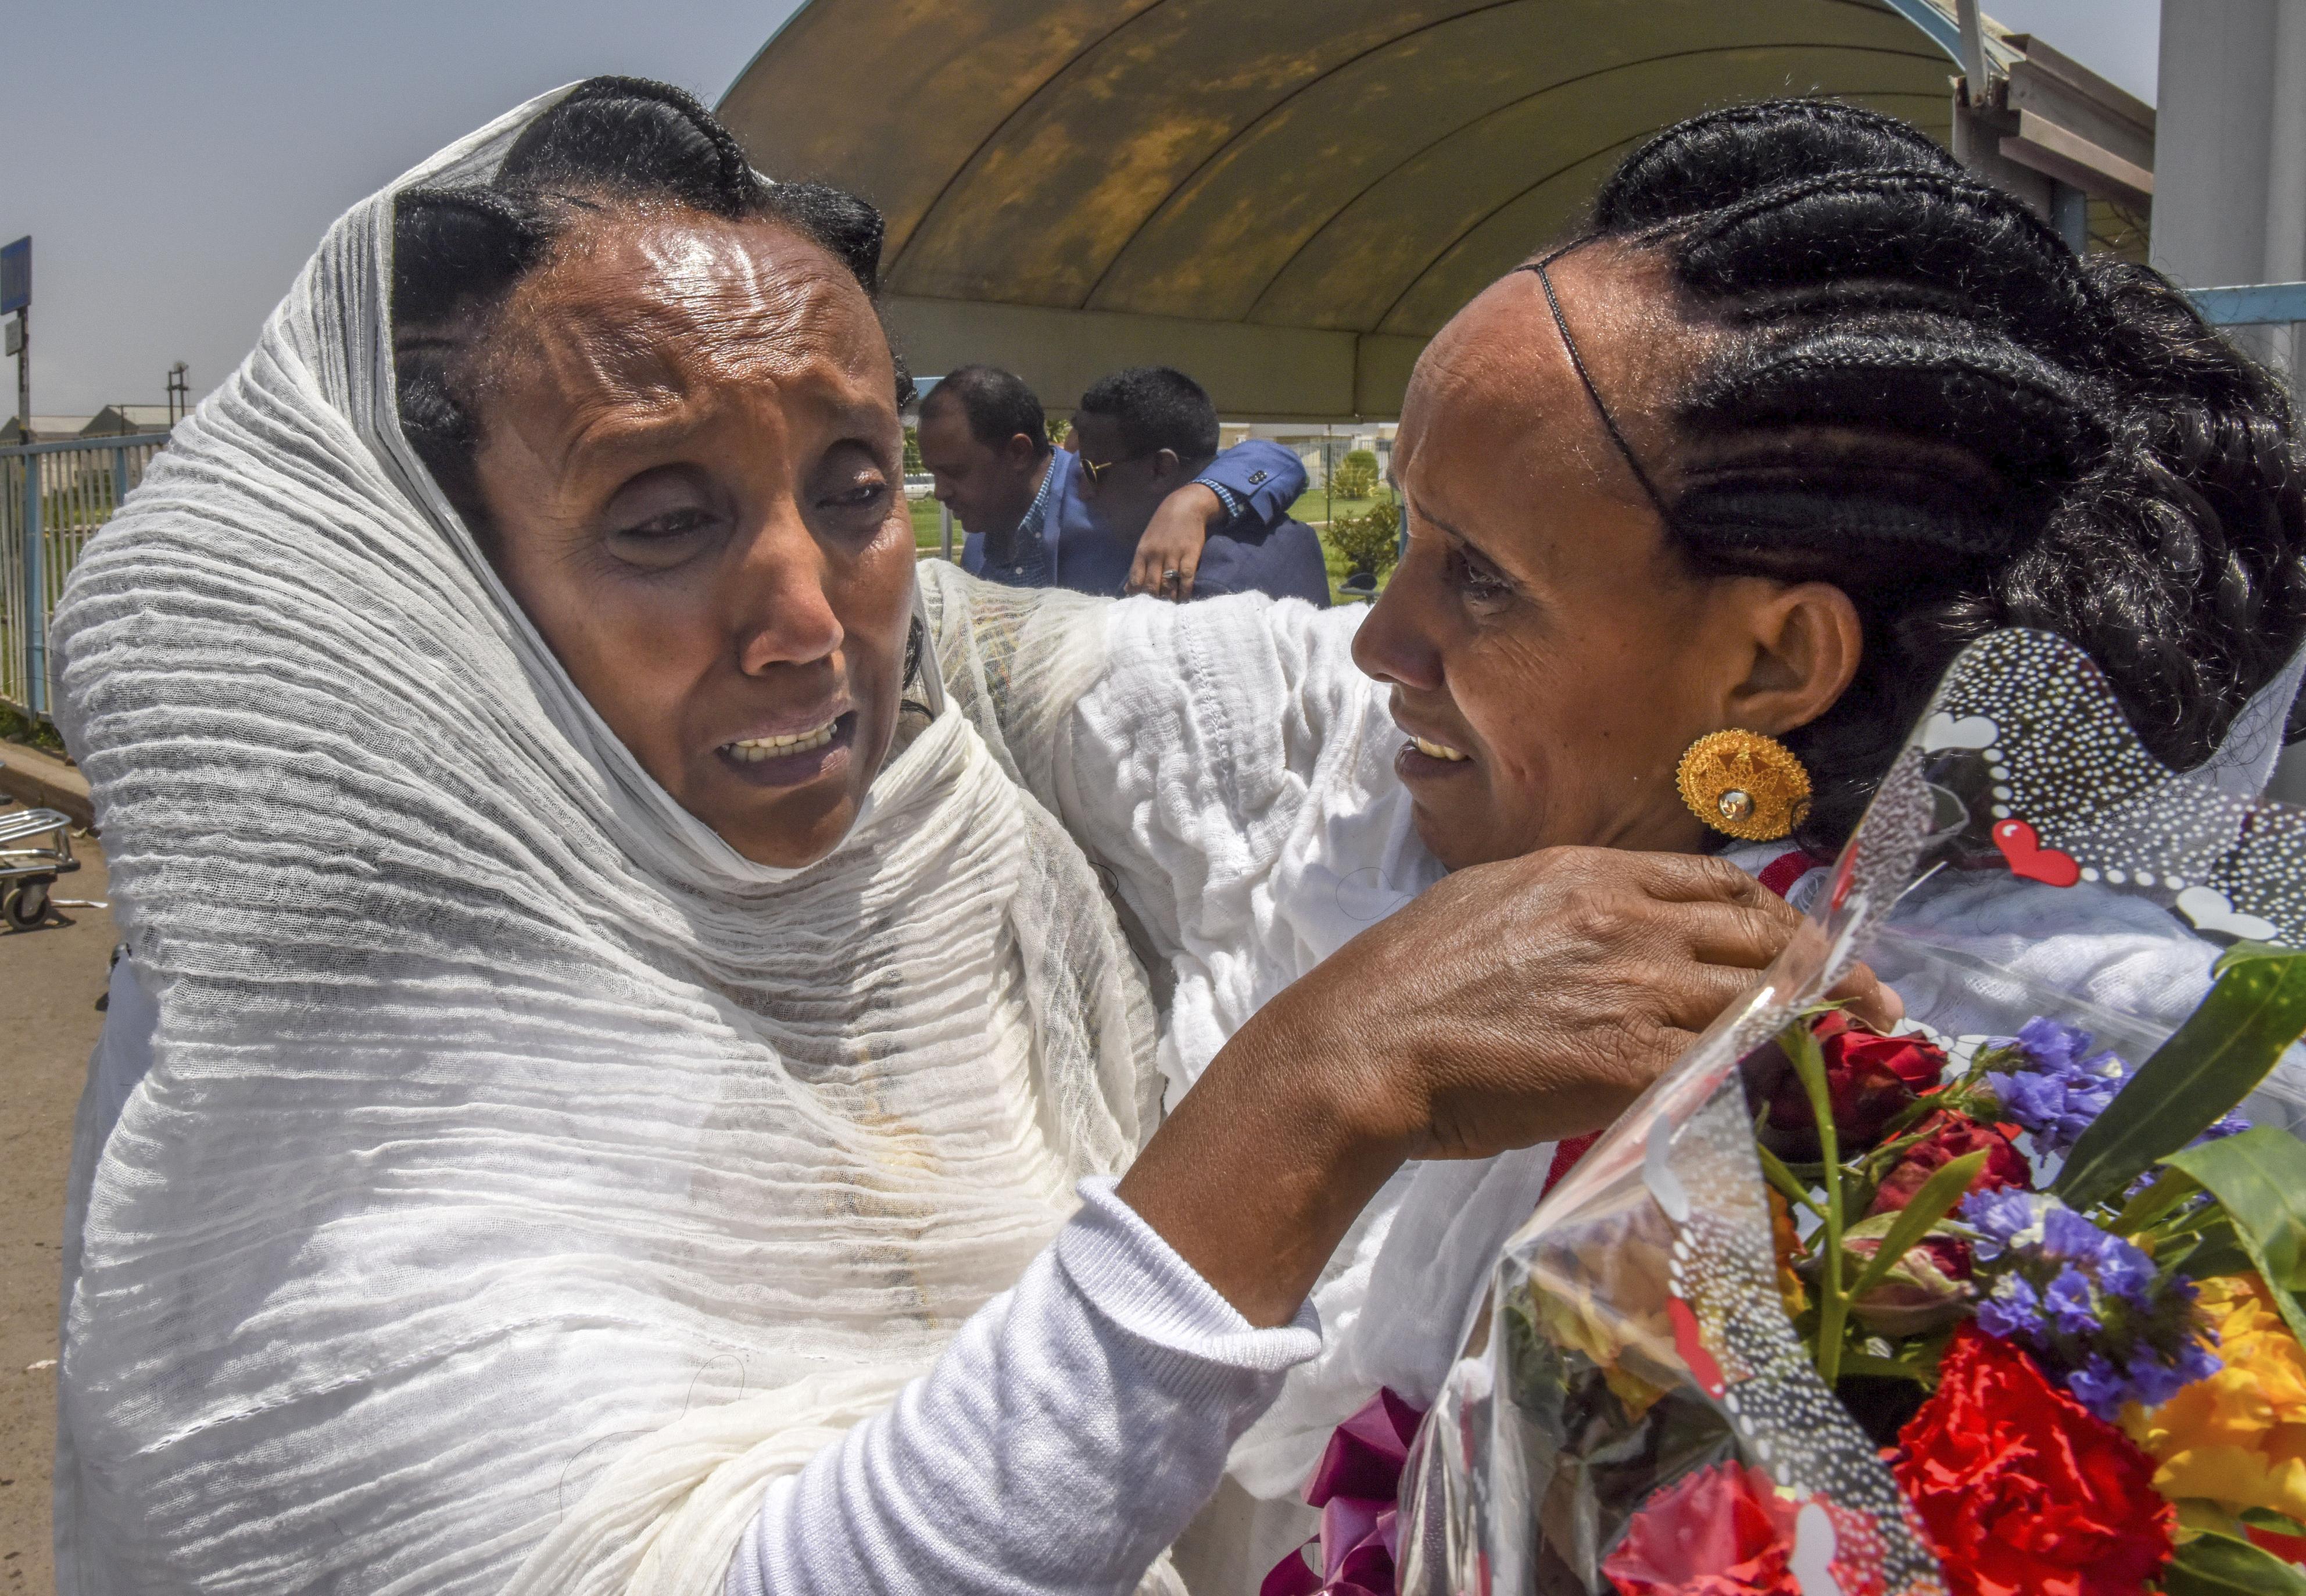 空港の外で20年ぶりに再会した姉妹。何十秒も抱擁した後、「会えてうれしい」と声を振り絞った=9月、エリトリア・アスマラ(共同)